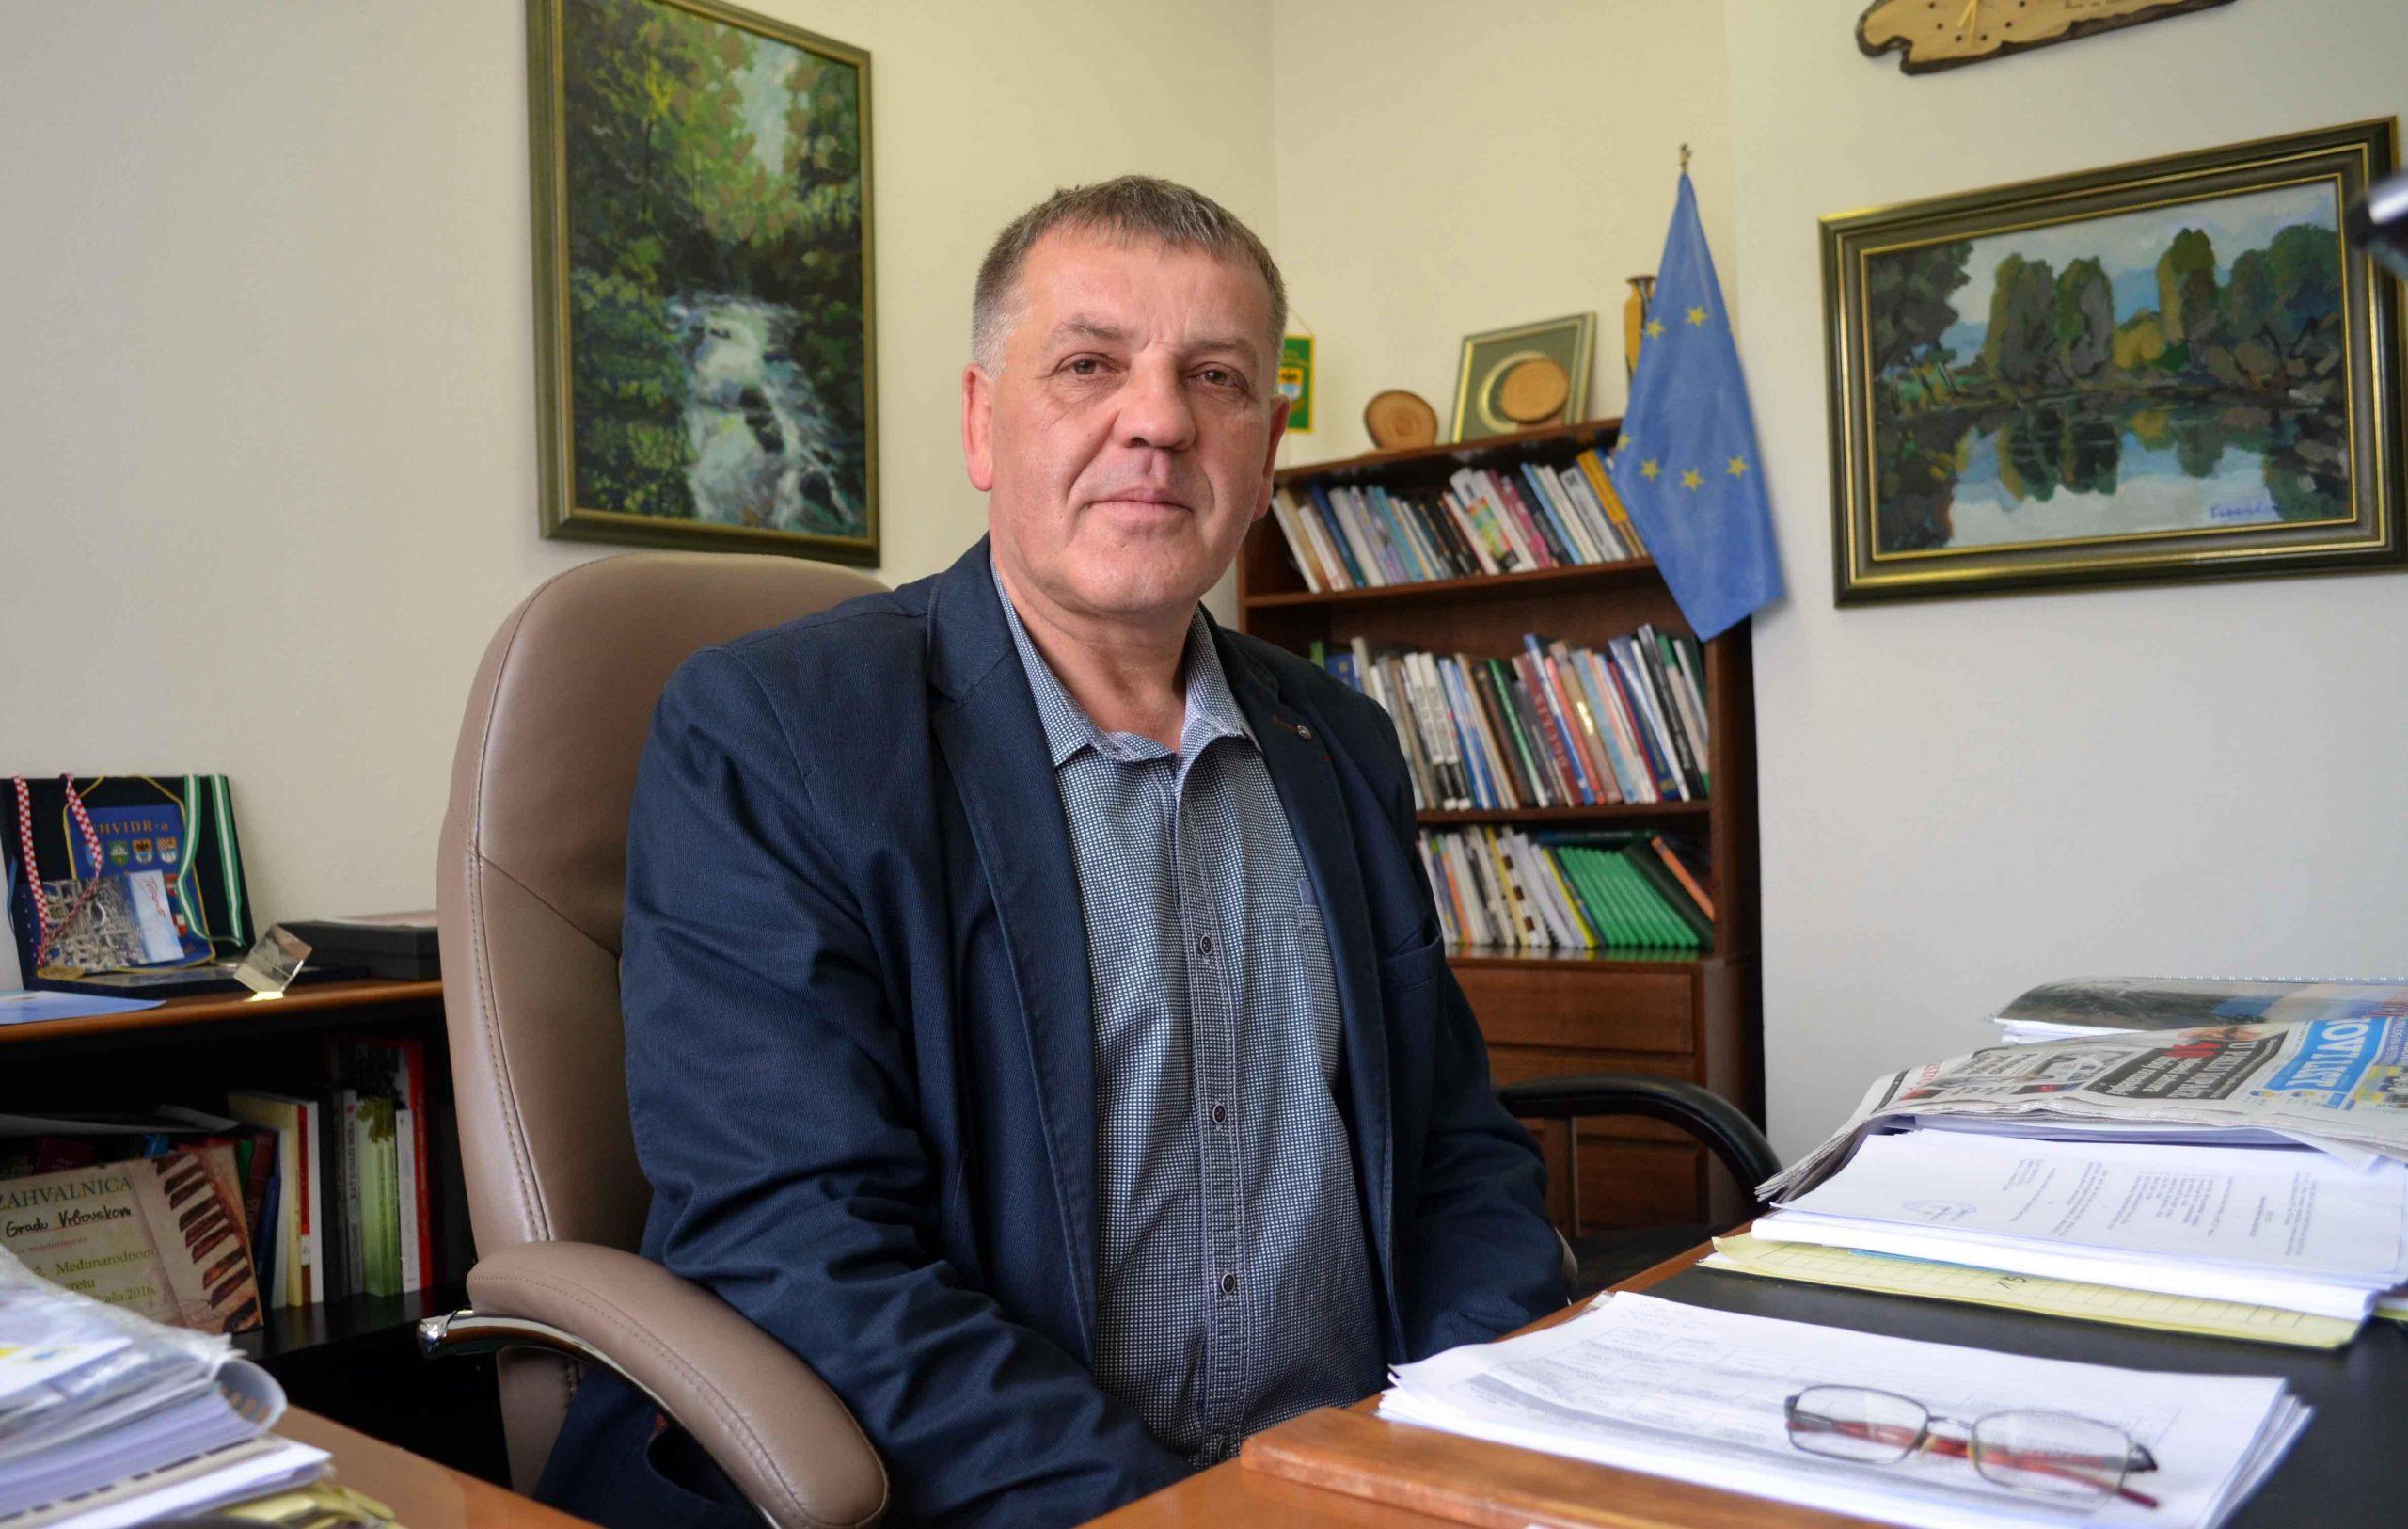 Dražen Mufić / Snimio Marinko KRMPOTIĆ